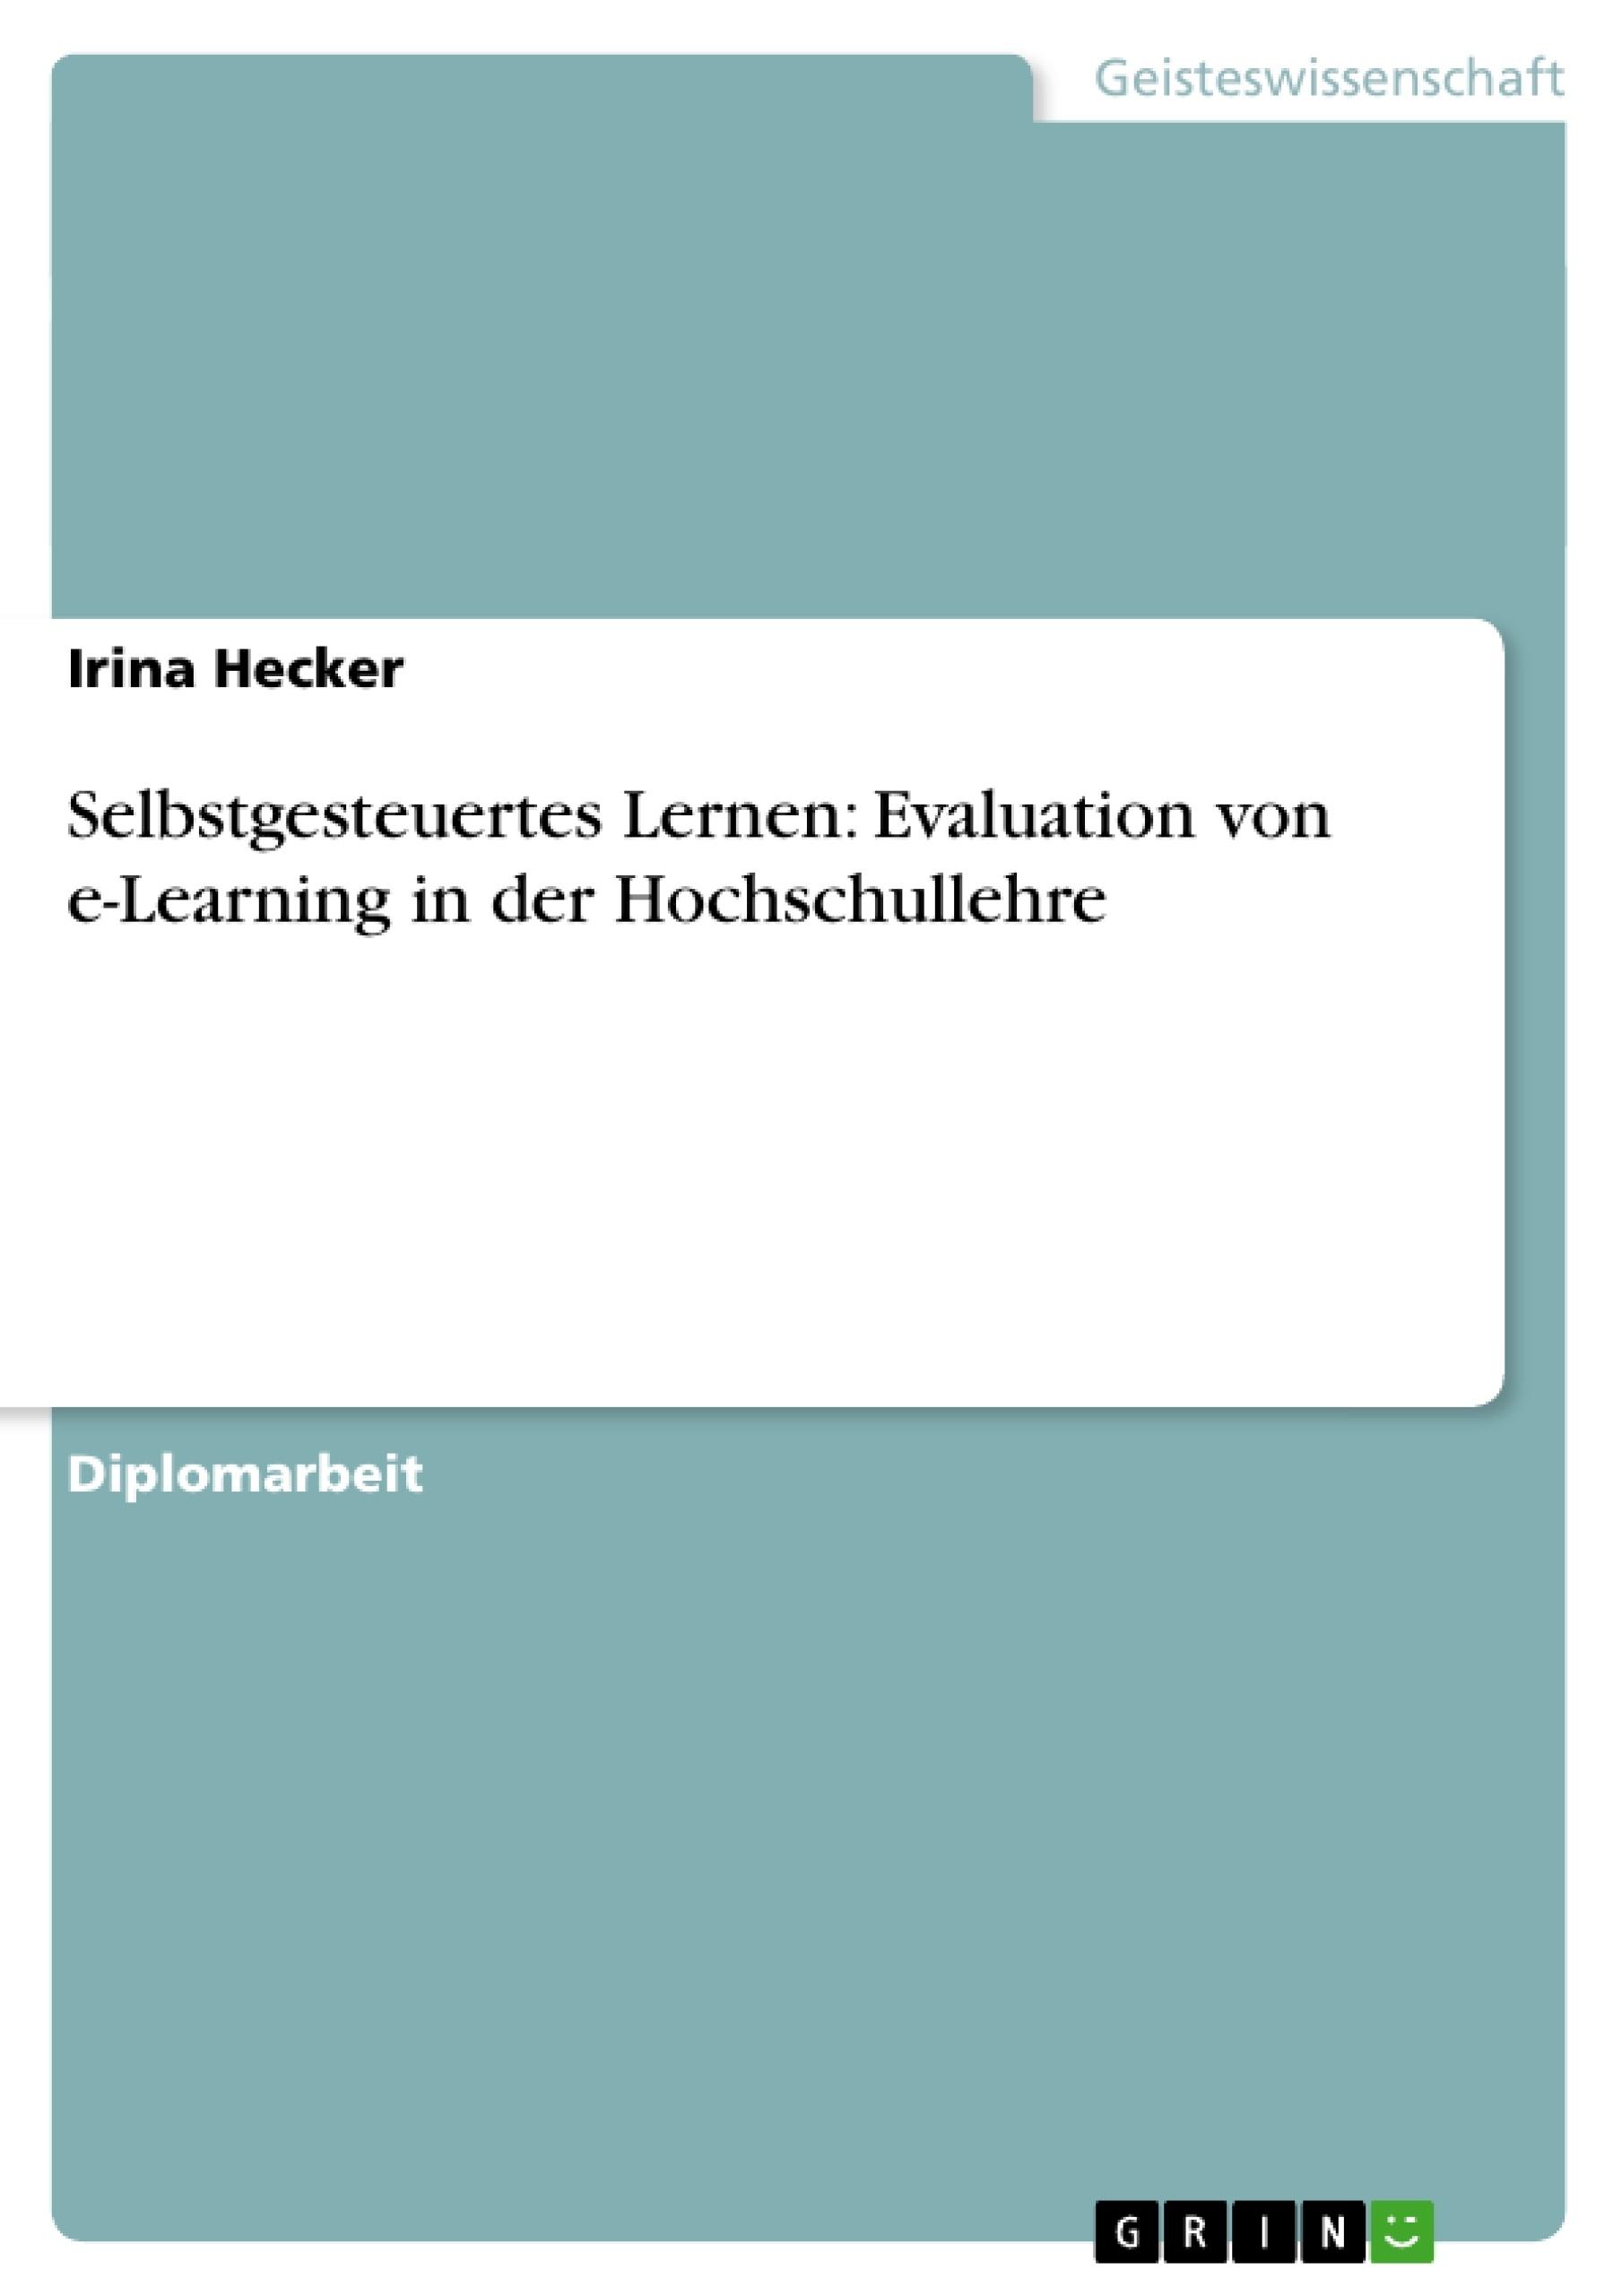 Titel: Selbstgesteuertes Lernen: Evaluation von e-Learning in der Hochschullehre